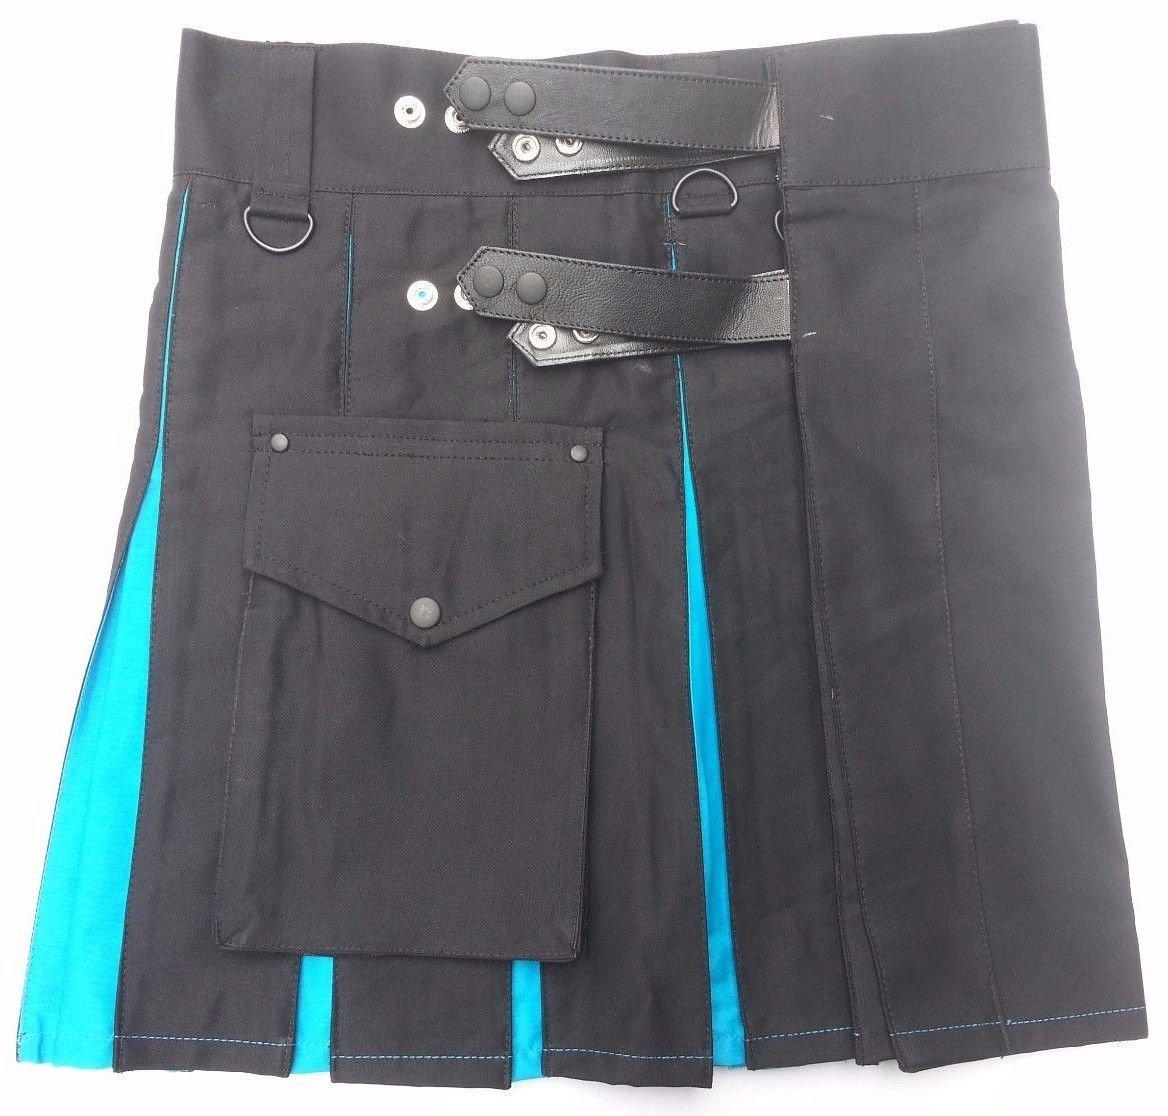 """44"""" Ladies TDK Black & Blue Cotton Hybrid Kilt, Leather Straps Tactical Duty Kilt Black/Blue Cotton"""